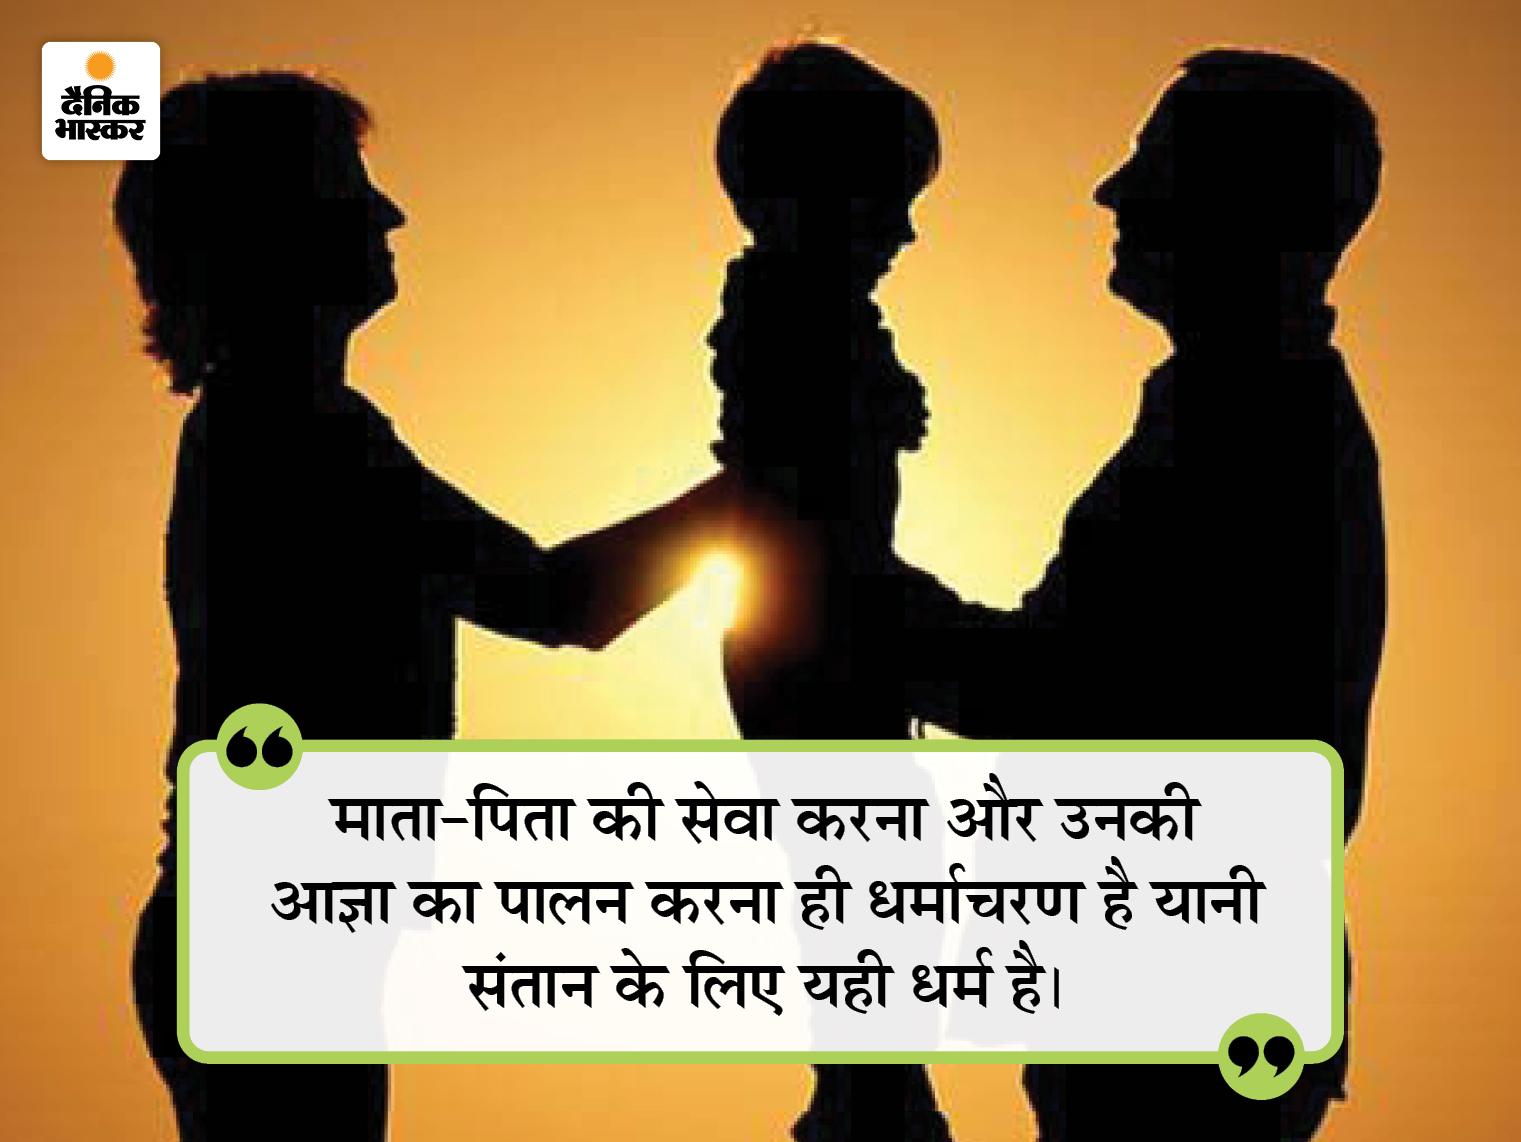 सभी गलत काम मन से उपजते हैं, अगर मन ही बदल जाए तो हम गलत काम करेंगे ही नहीं|धर्म,Dharm - Dainik Bhaskar